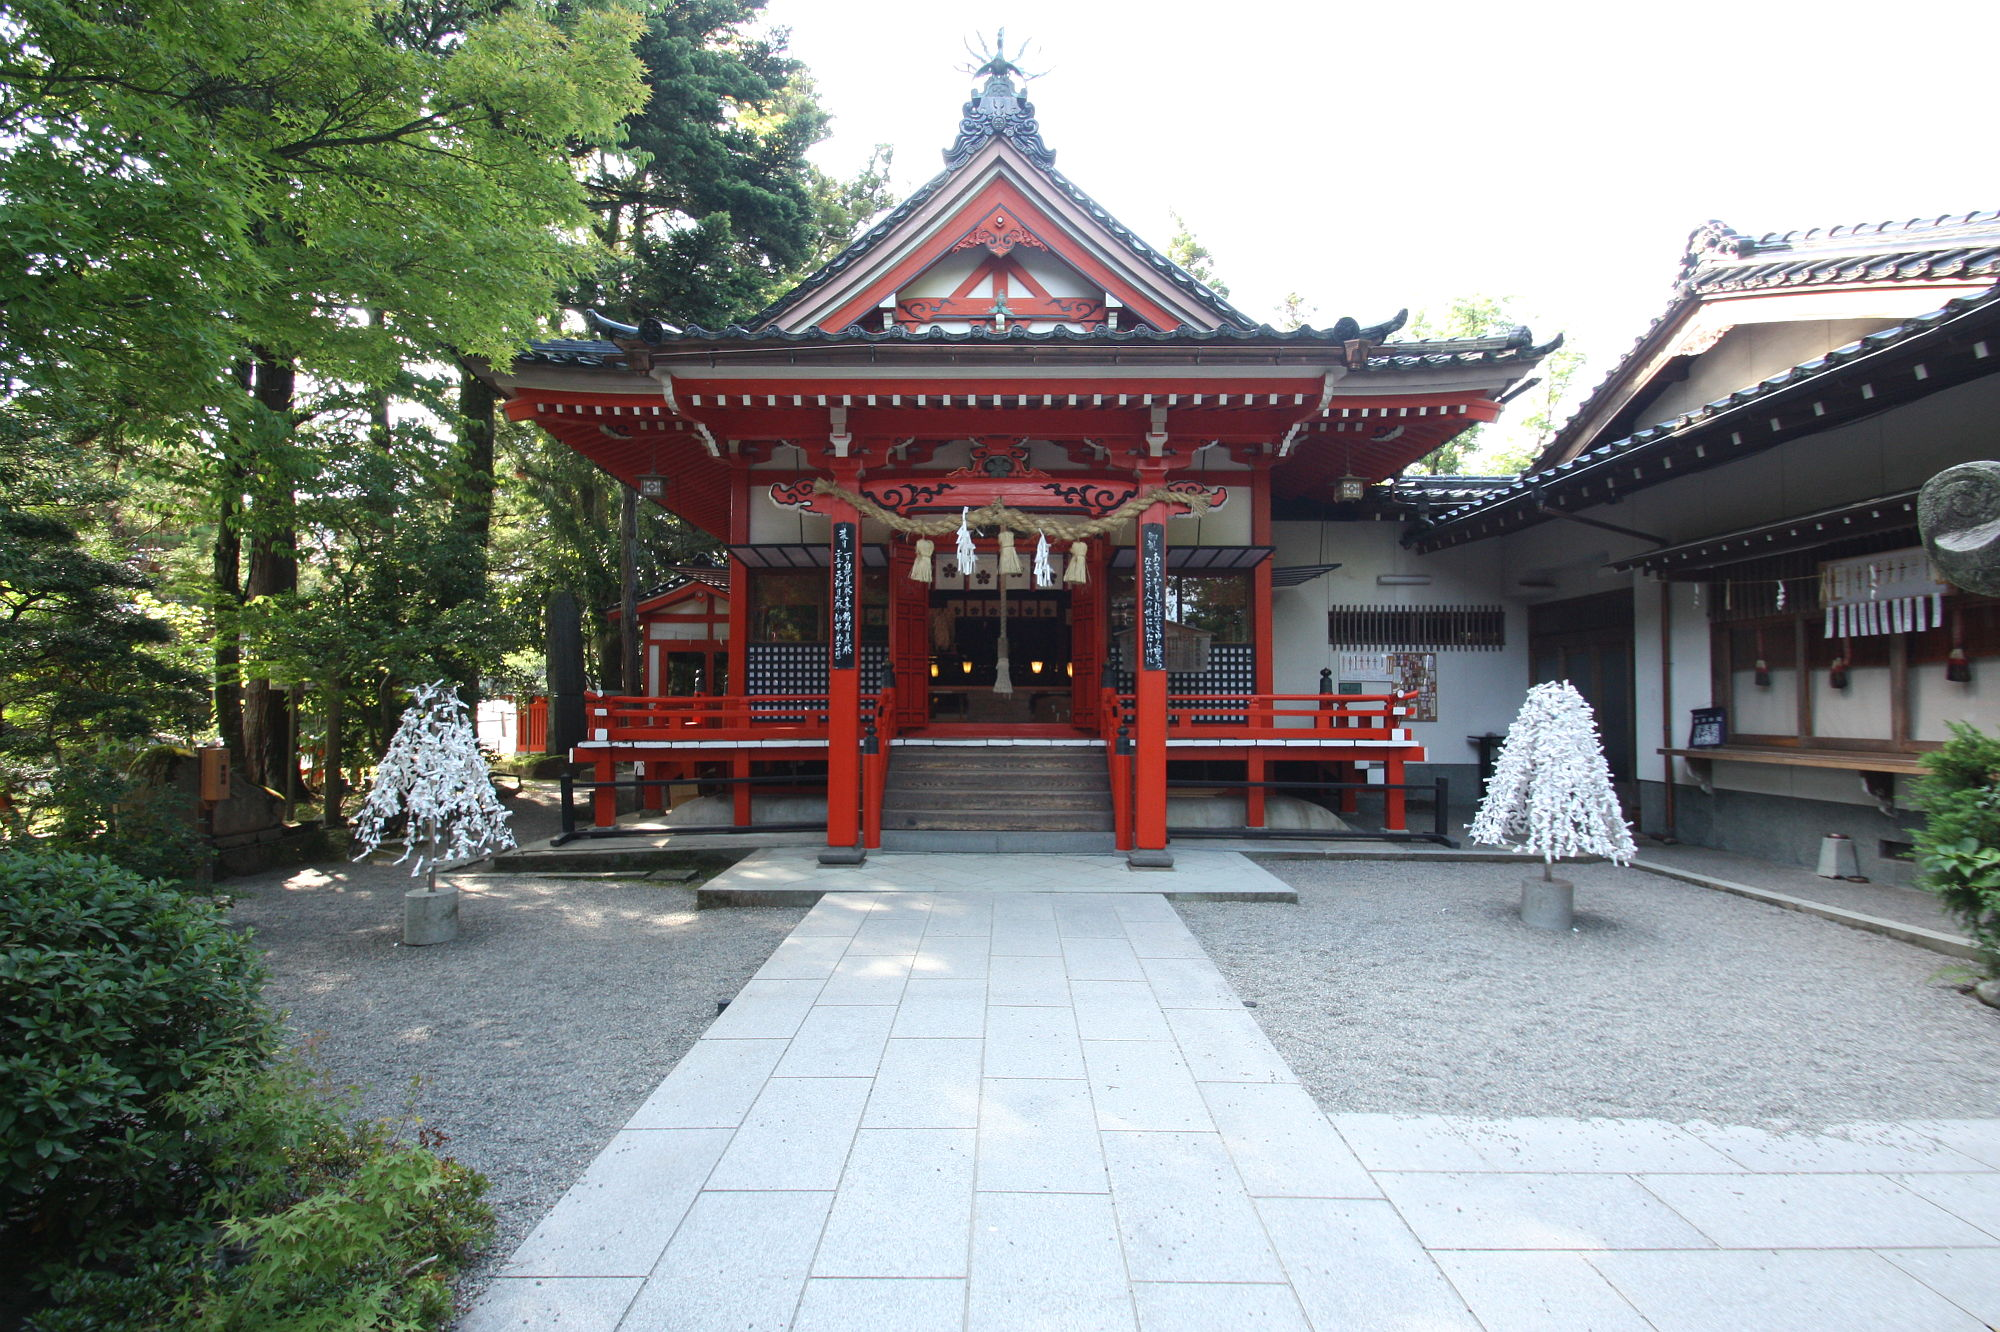 金澤神社の社殿(拝殿)